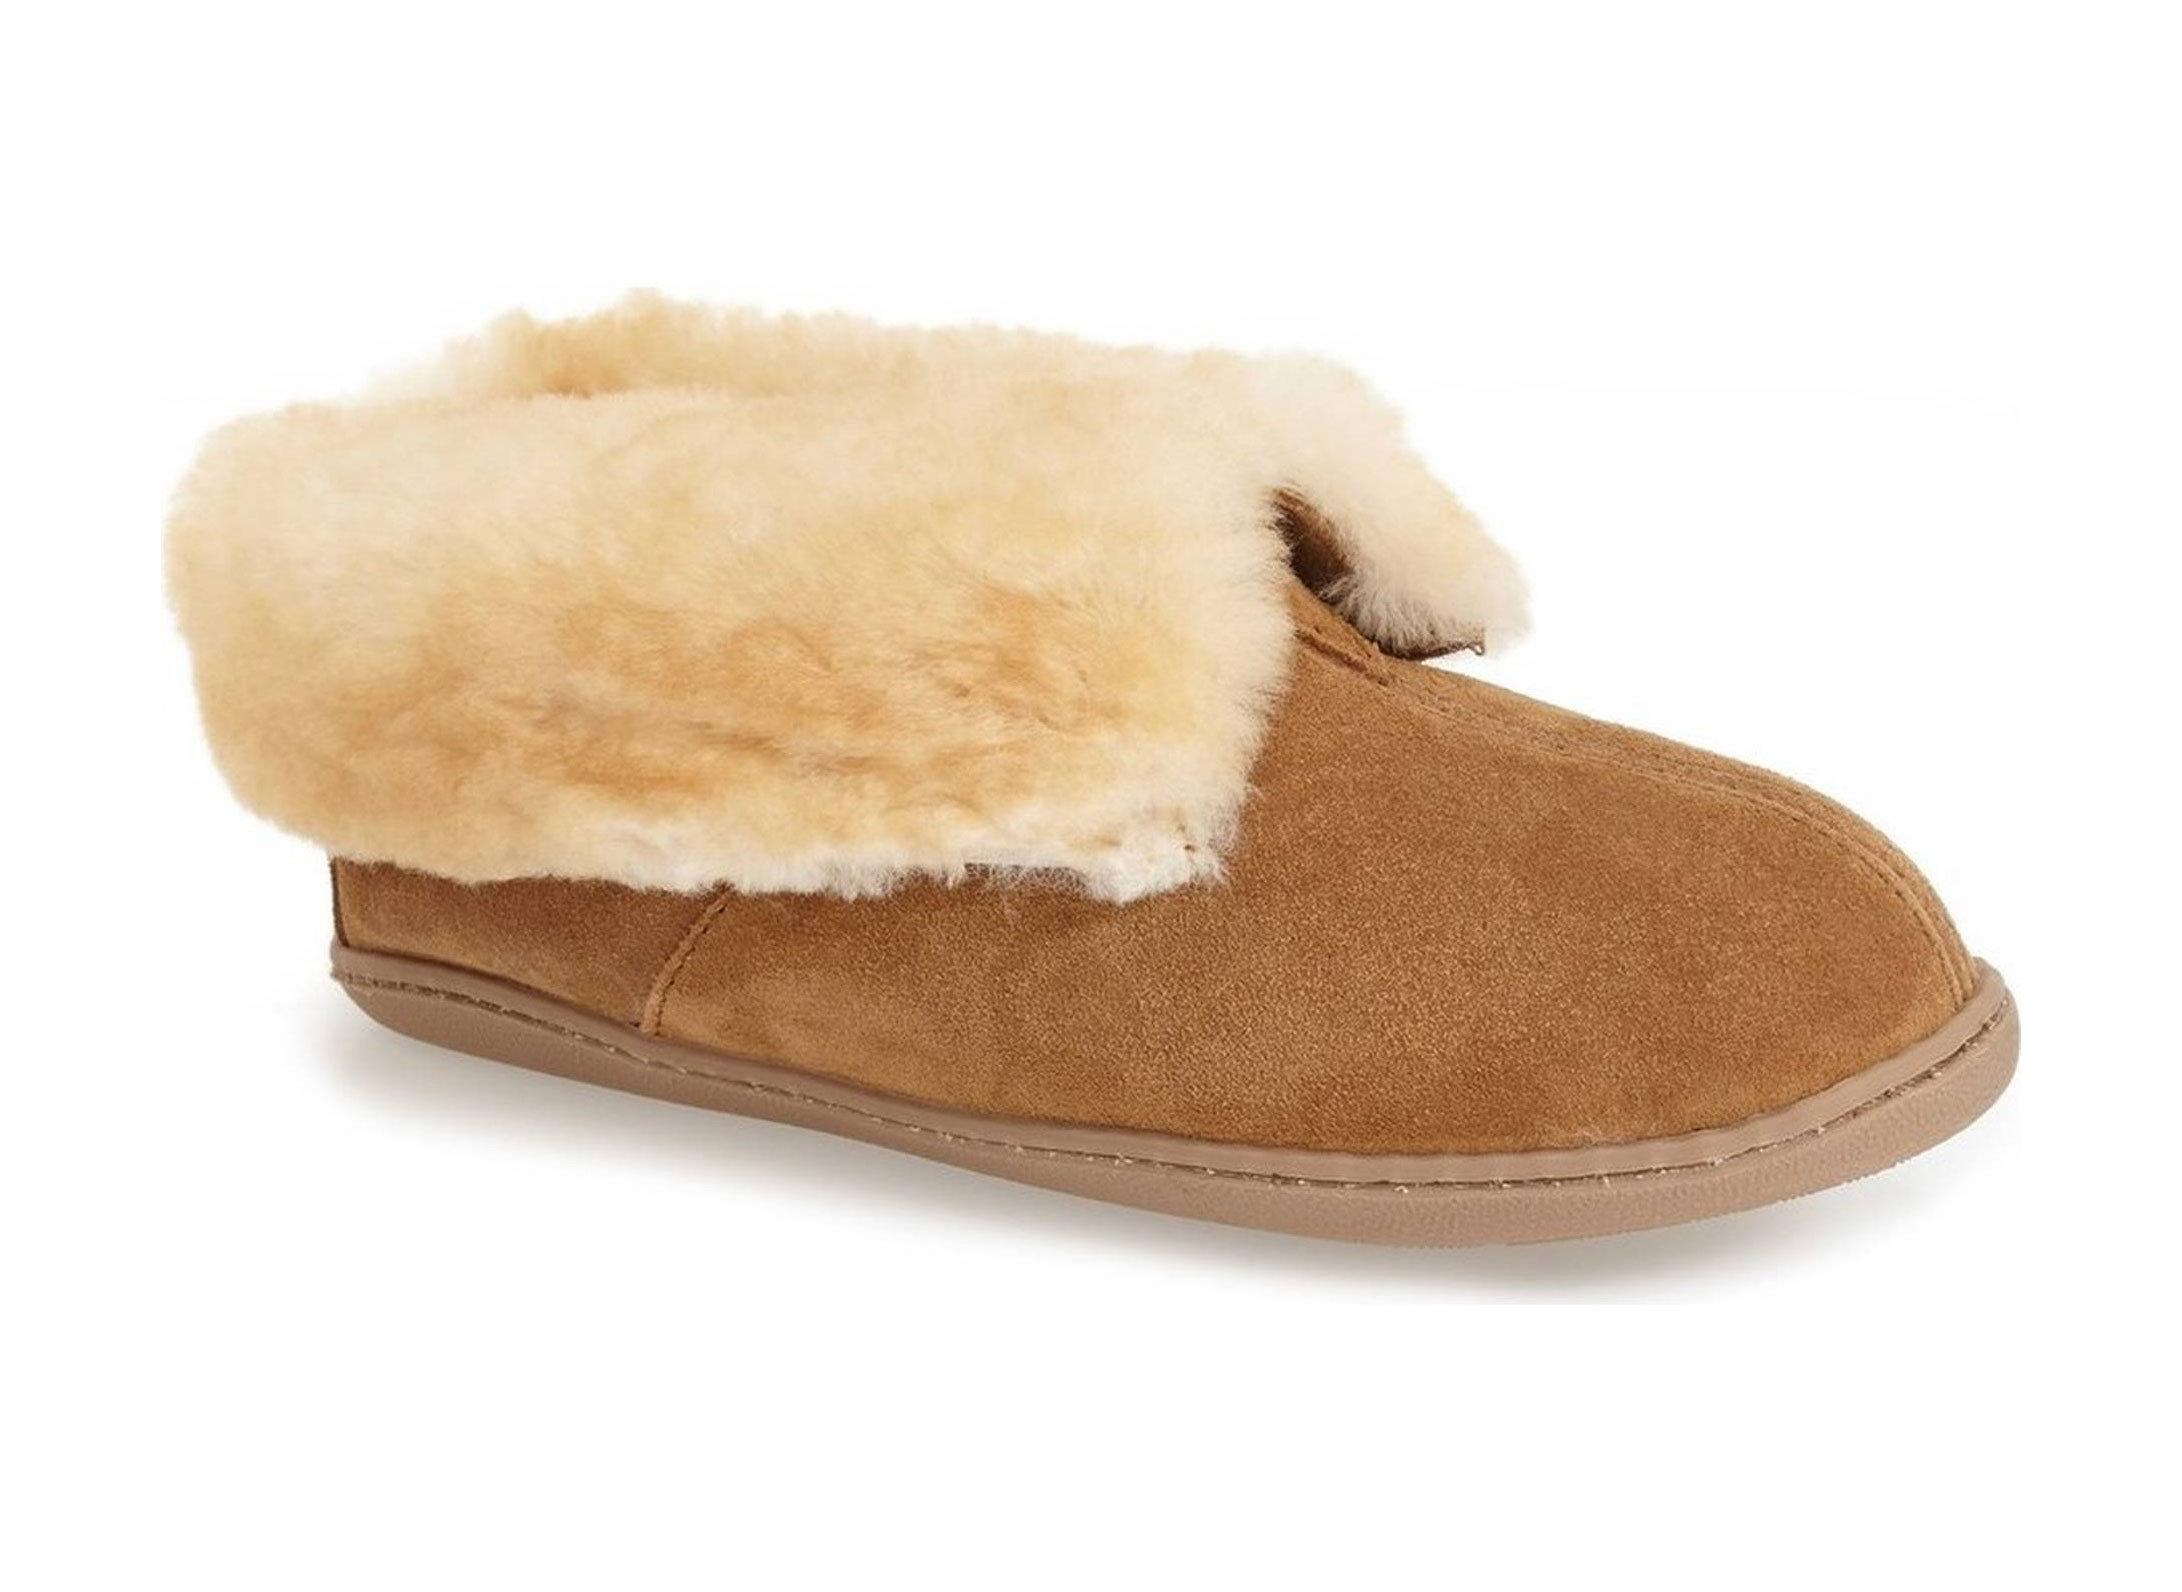 Style + Design Travel Shop footwear slipper shoe indoor beige product suede fur outdoor shoe tan